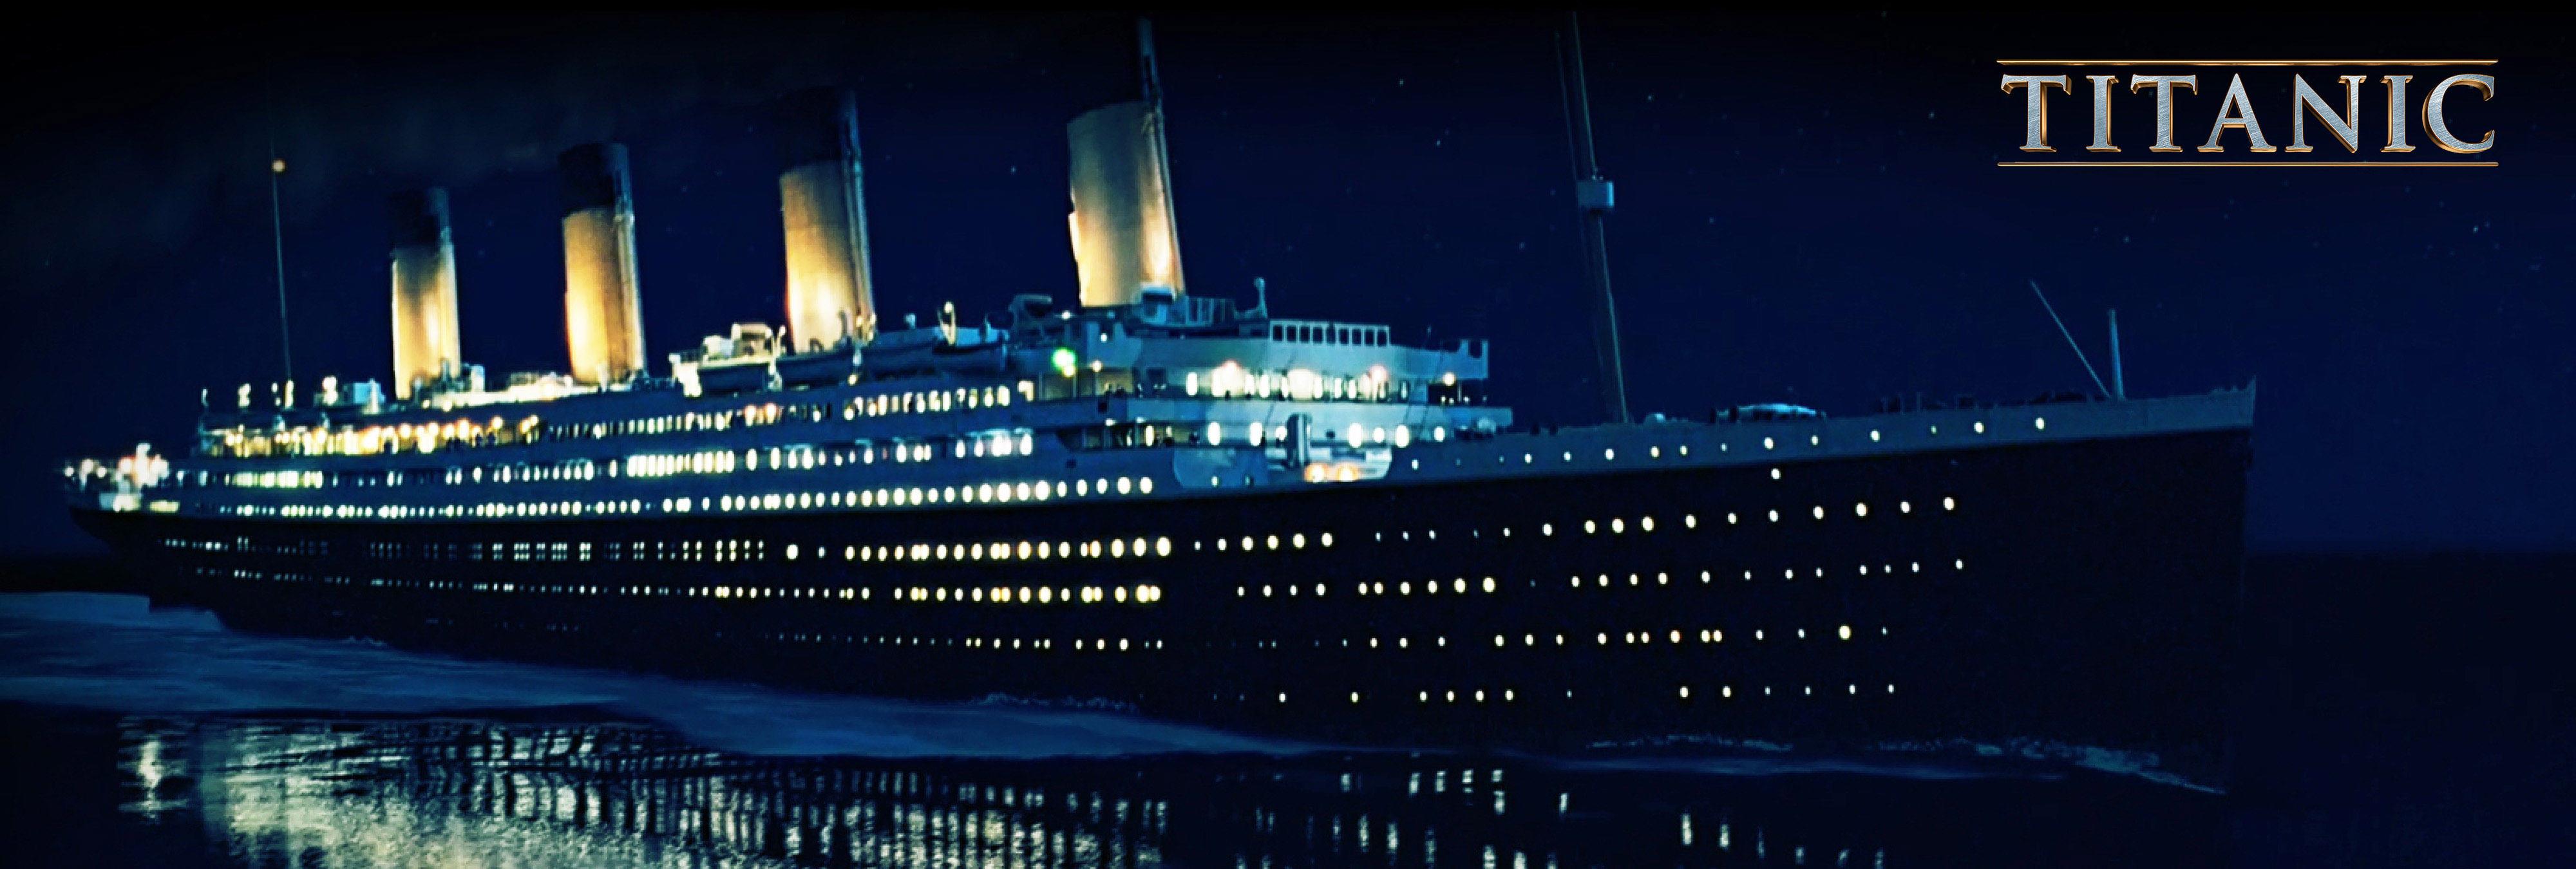 Las 8 curiosidades más absurdas del Titanic